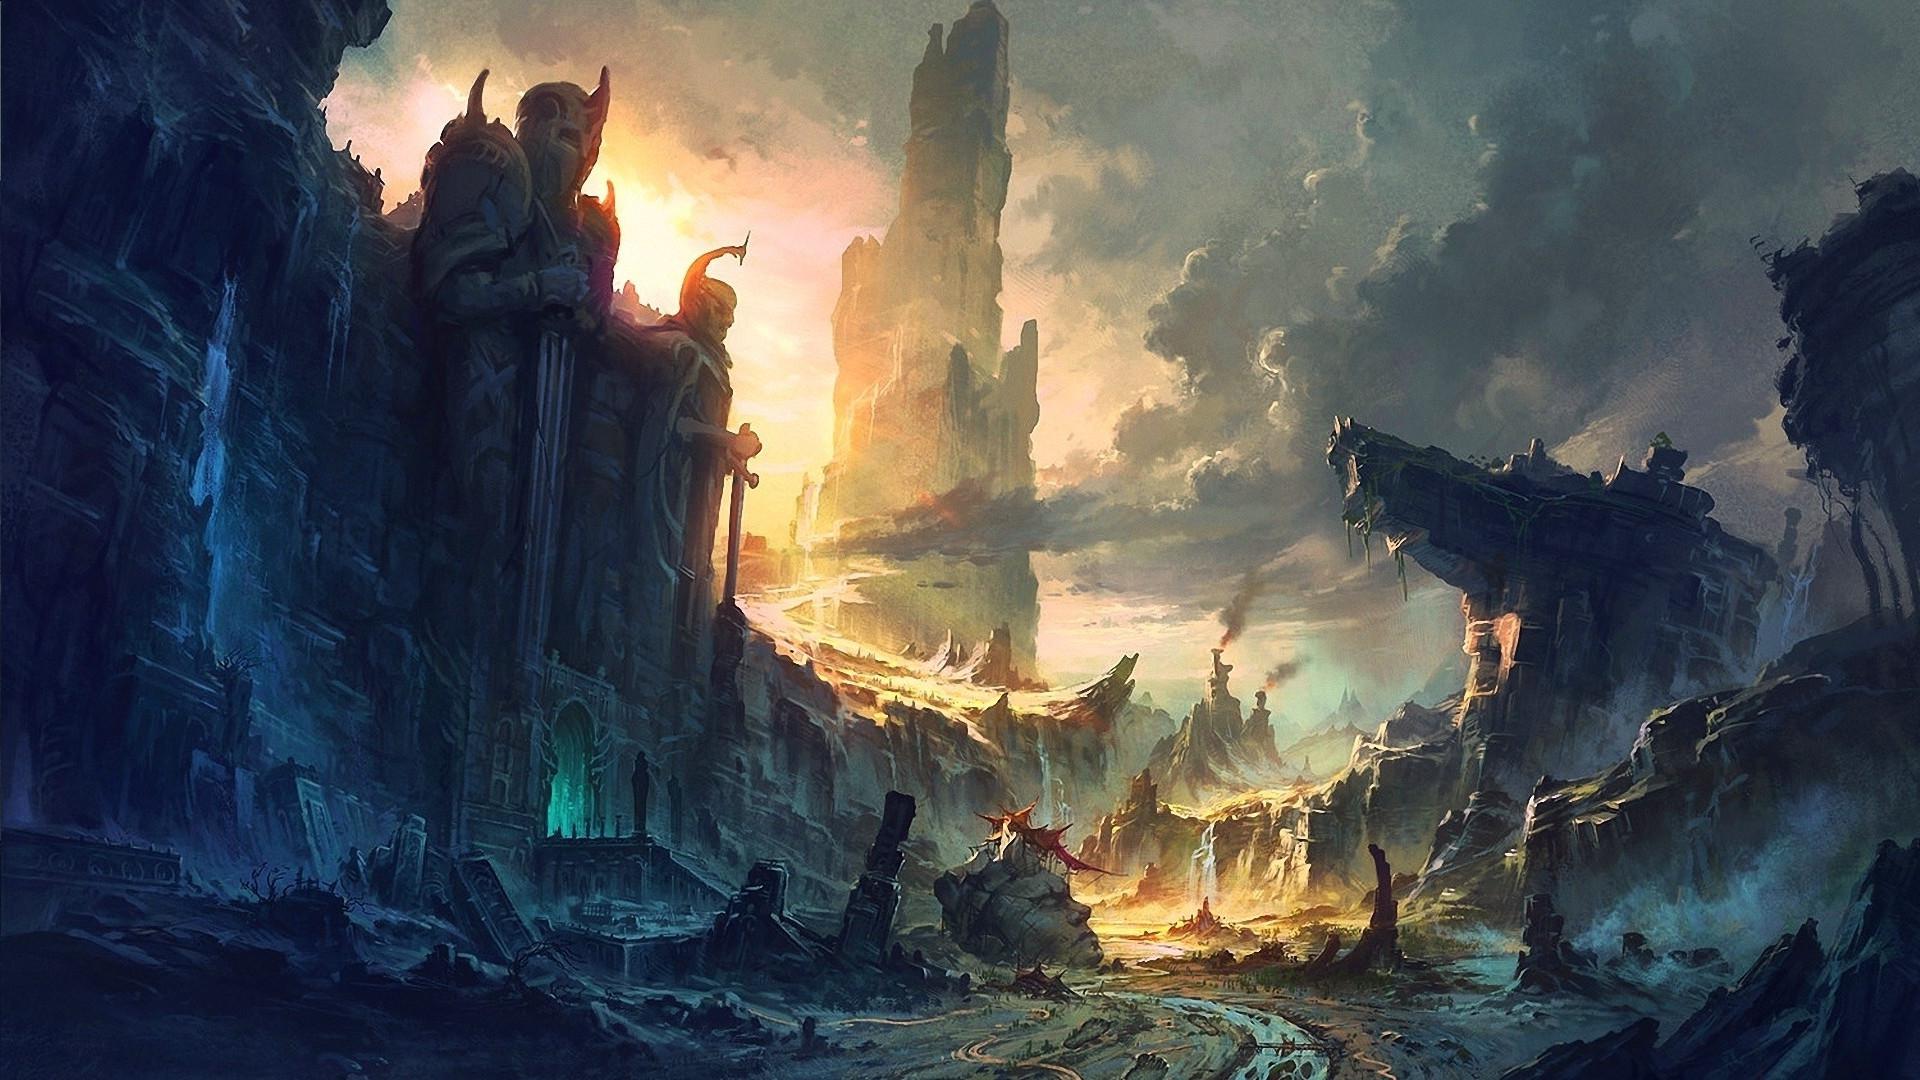 Fantasy Art Backgrounds 79 Images